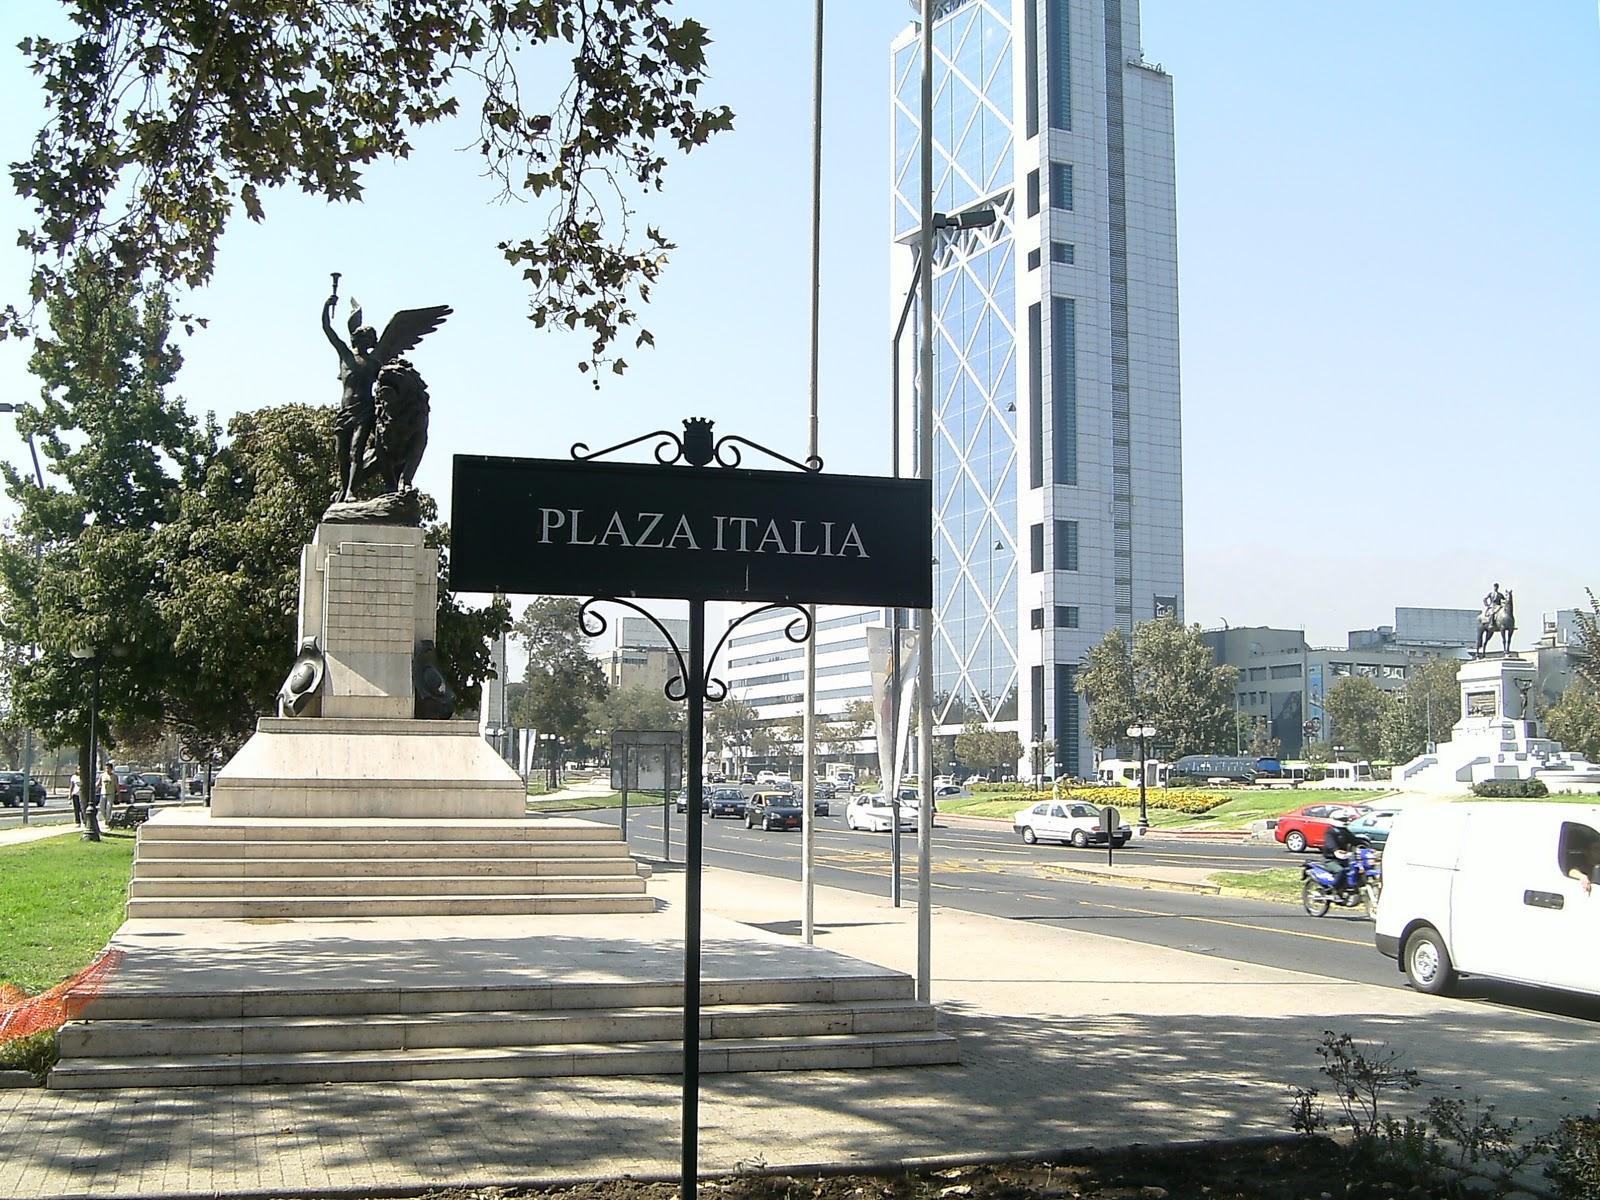 Descubra la Plaza Italia